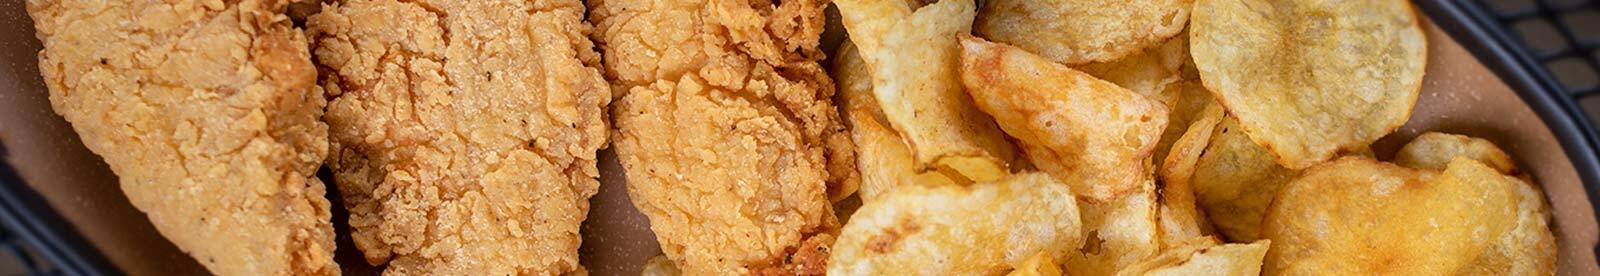 basket of chicken strips